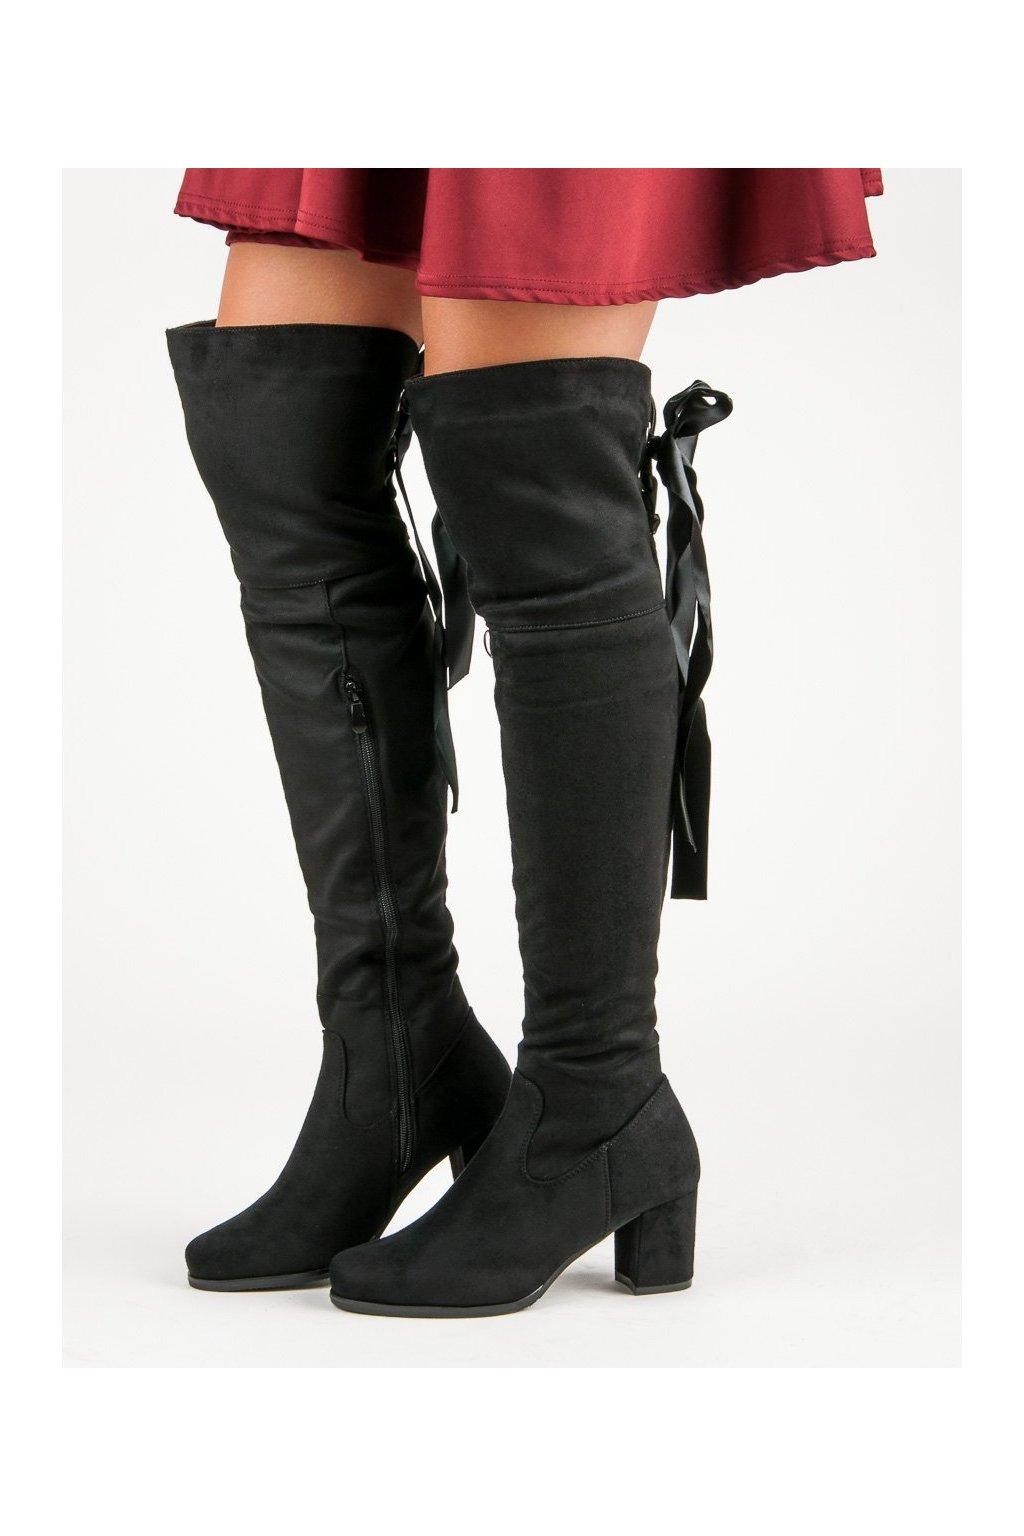 Elegantné čižmy čierne mušketierky na opätku Queentina